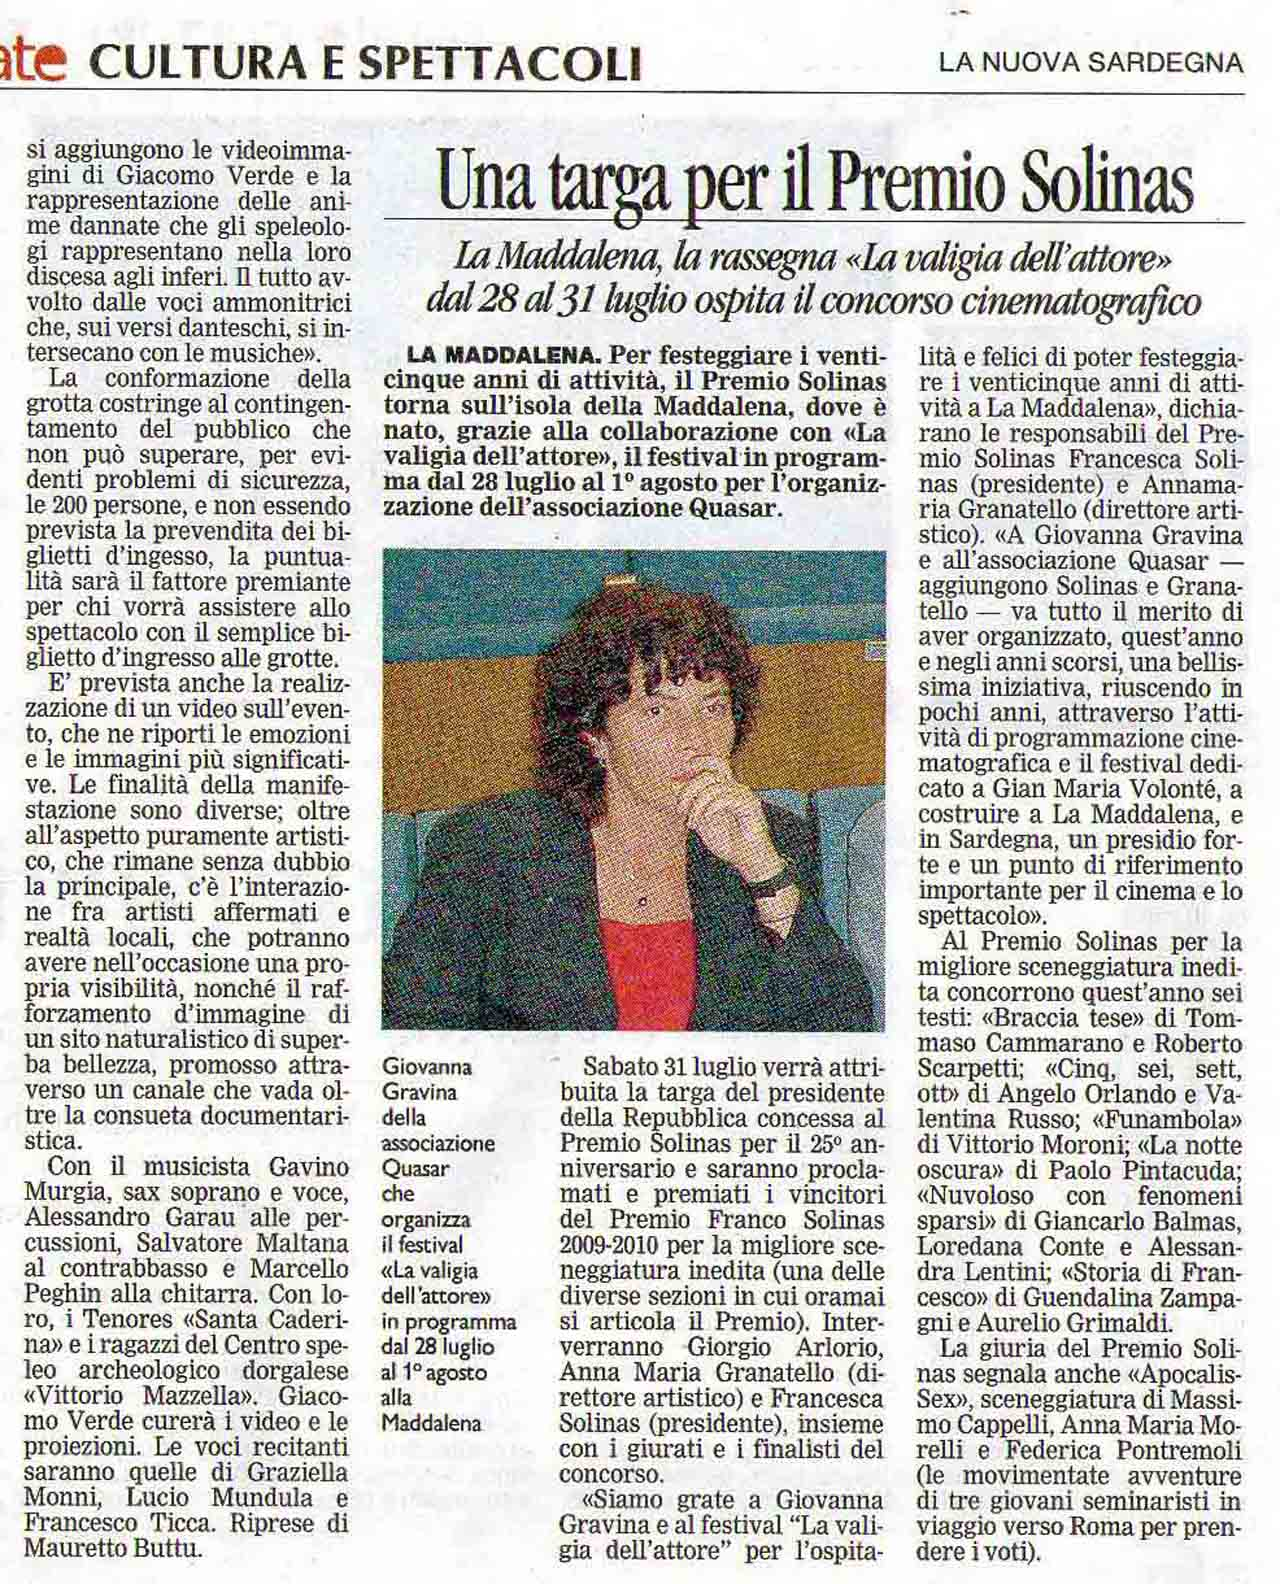 25-07-2010 La Nuova Sardegna